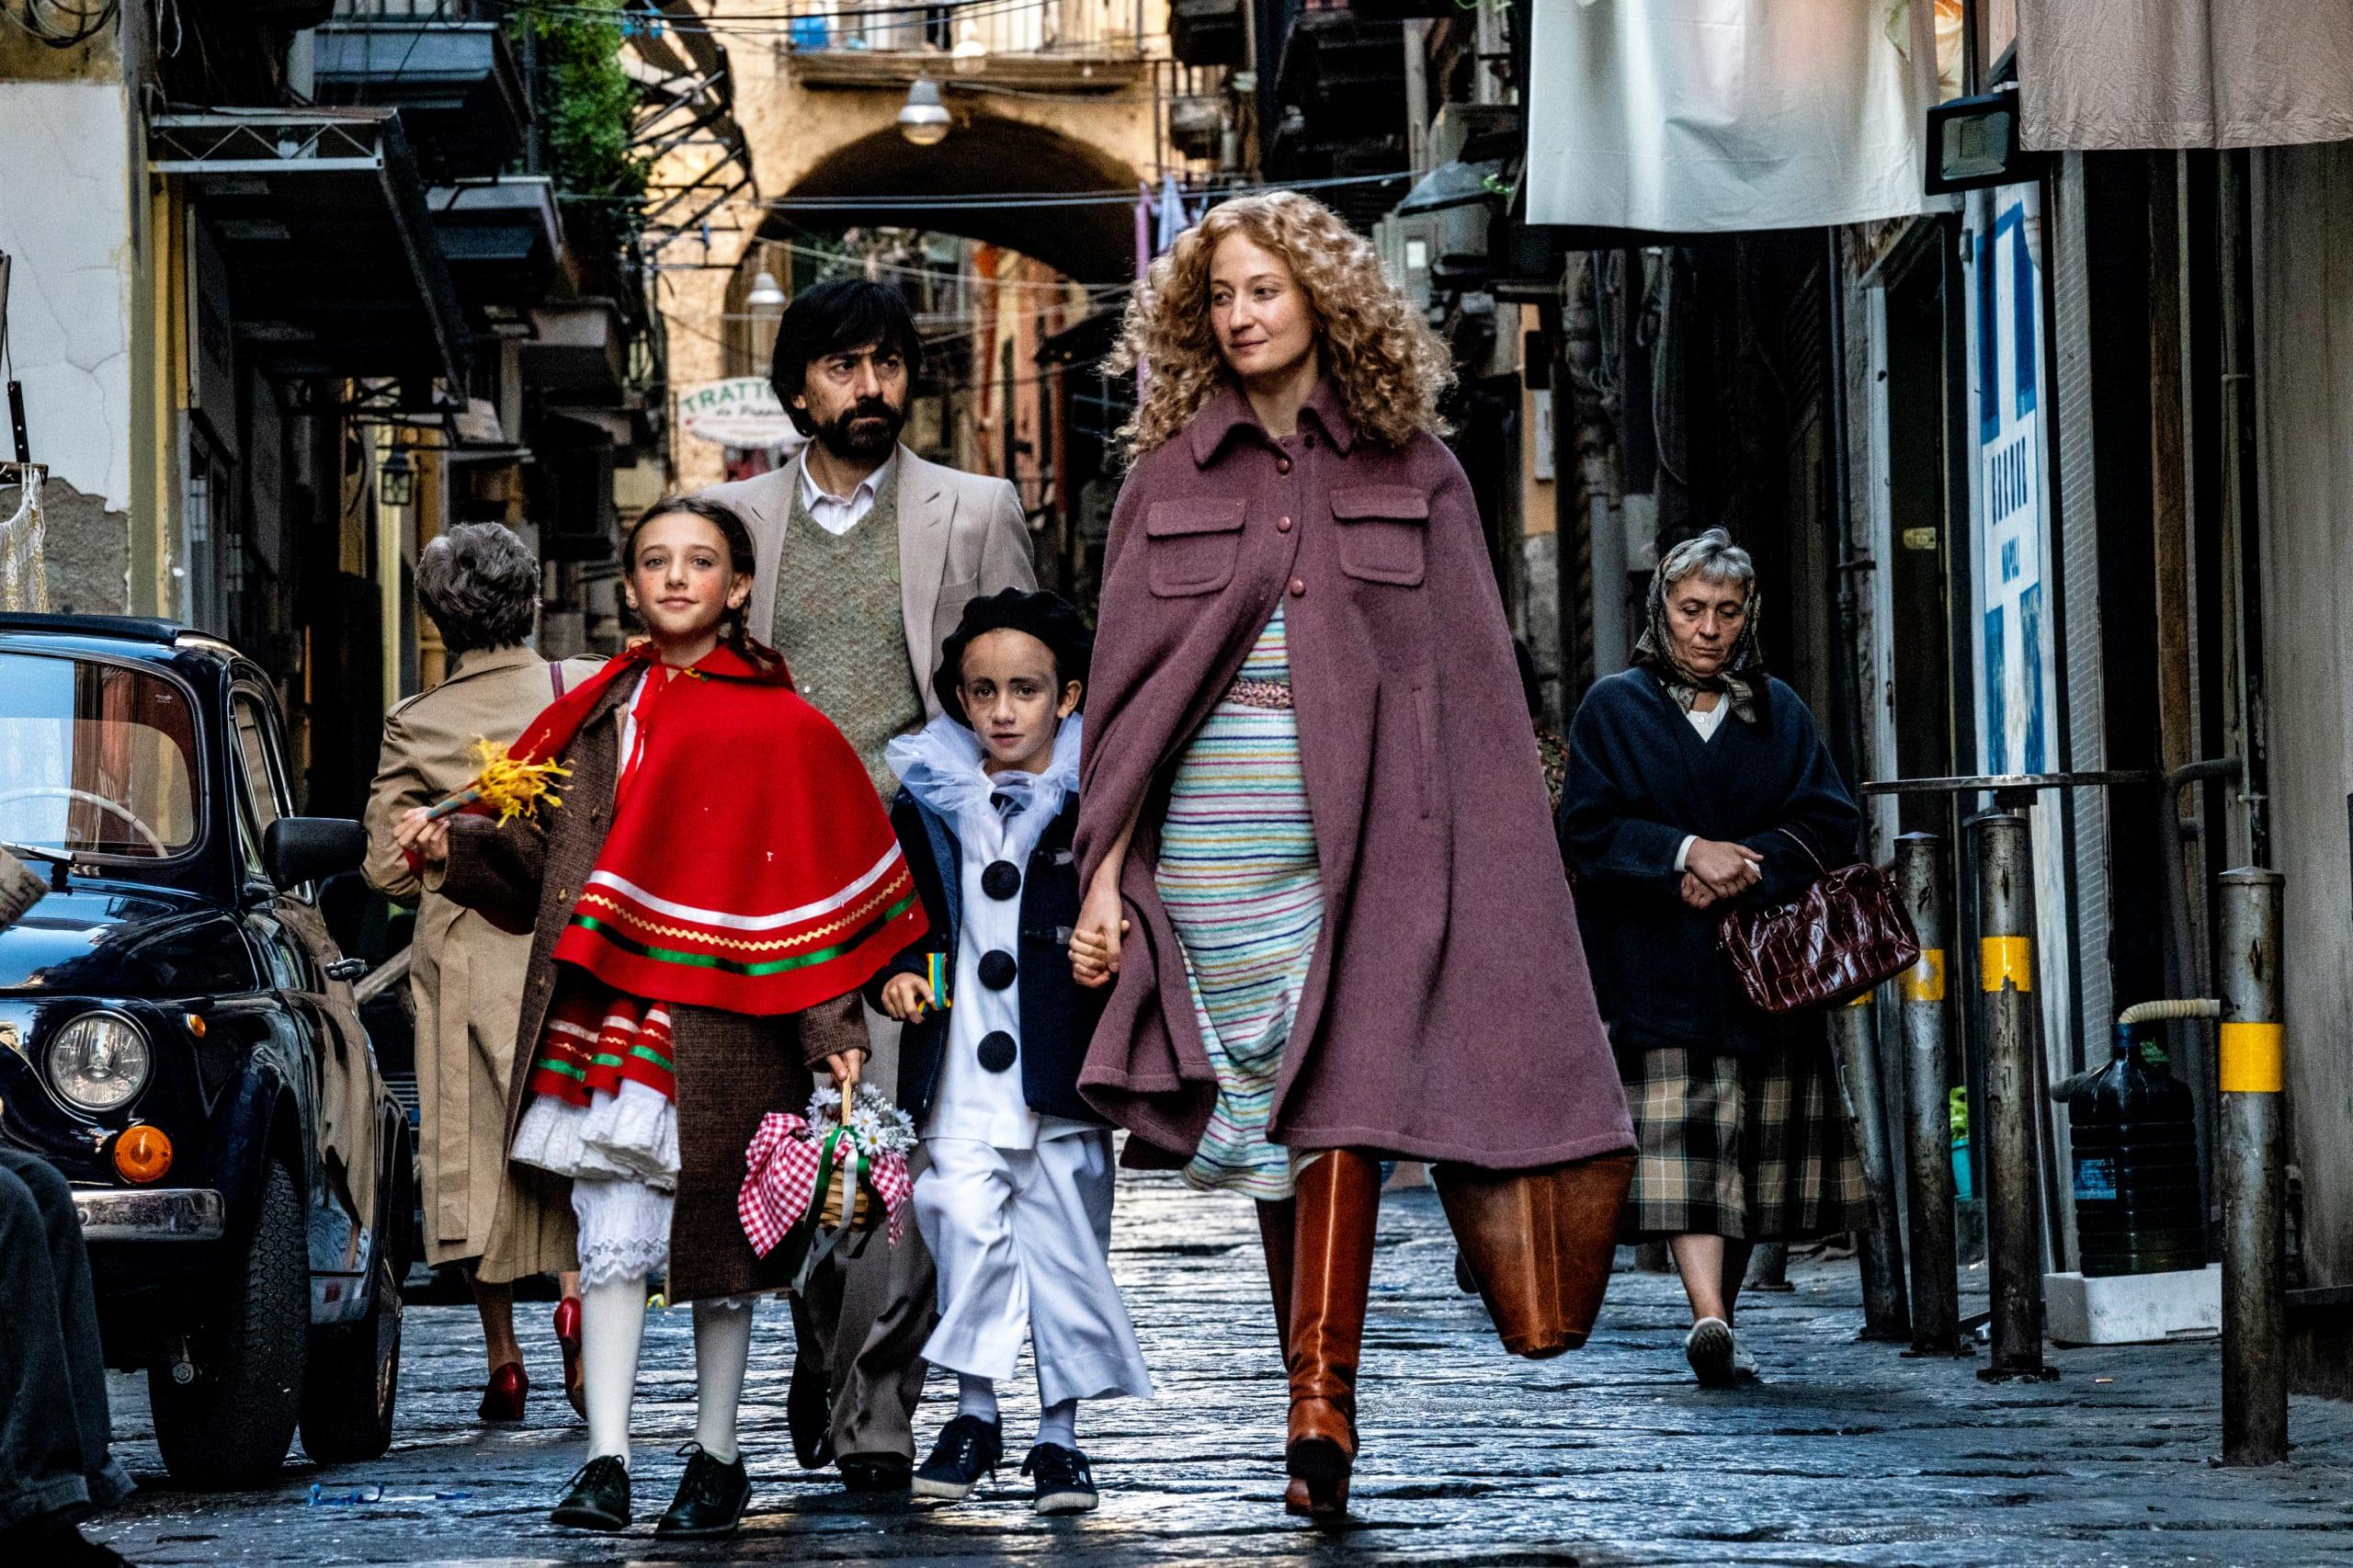 Lacci, la recensione: l'apertura di Venezia dal sapore borghese e drammatico